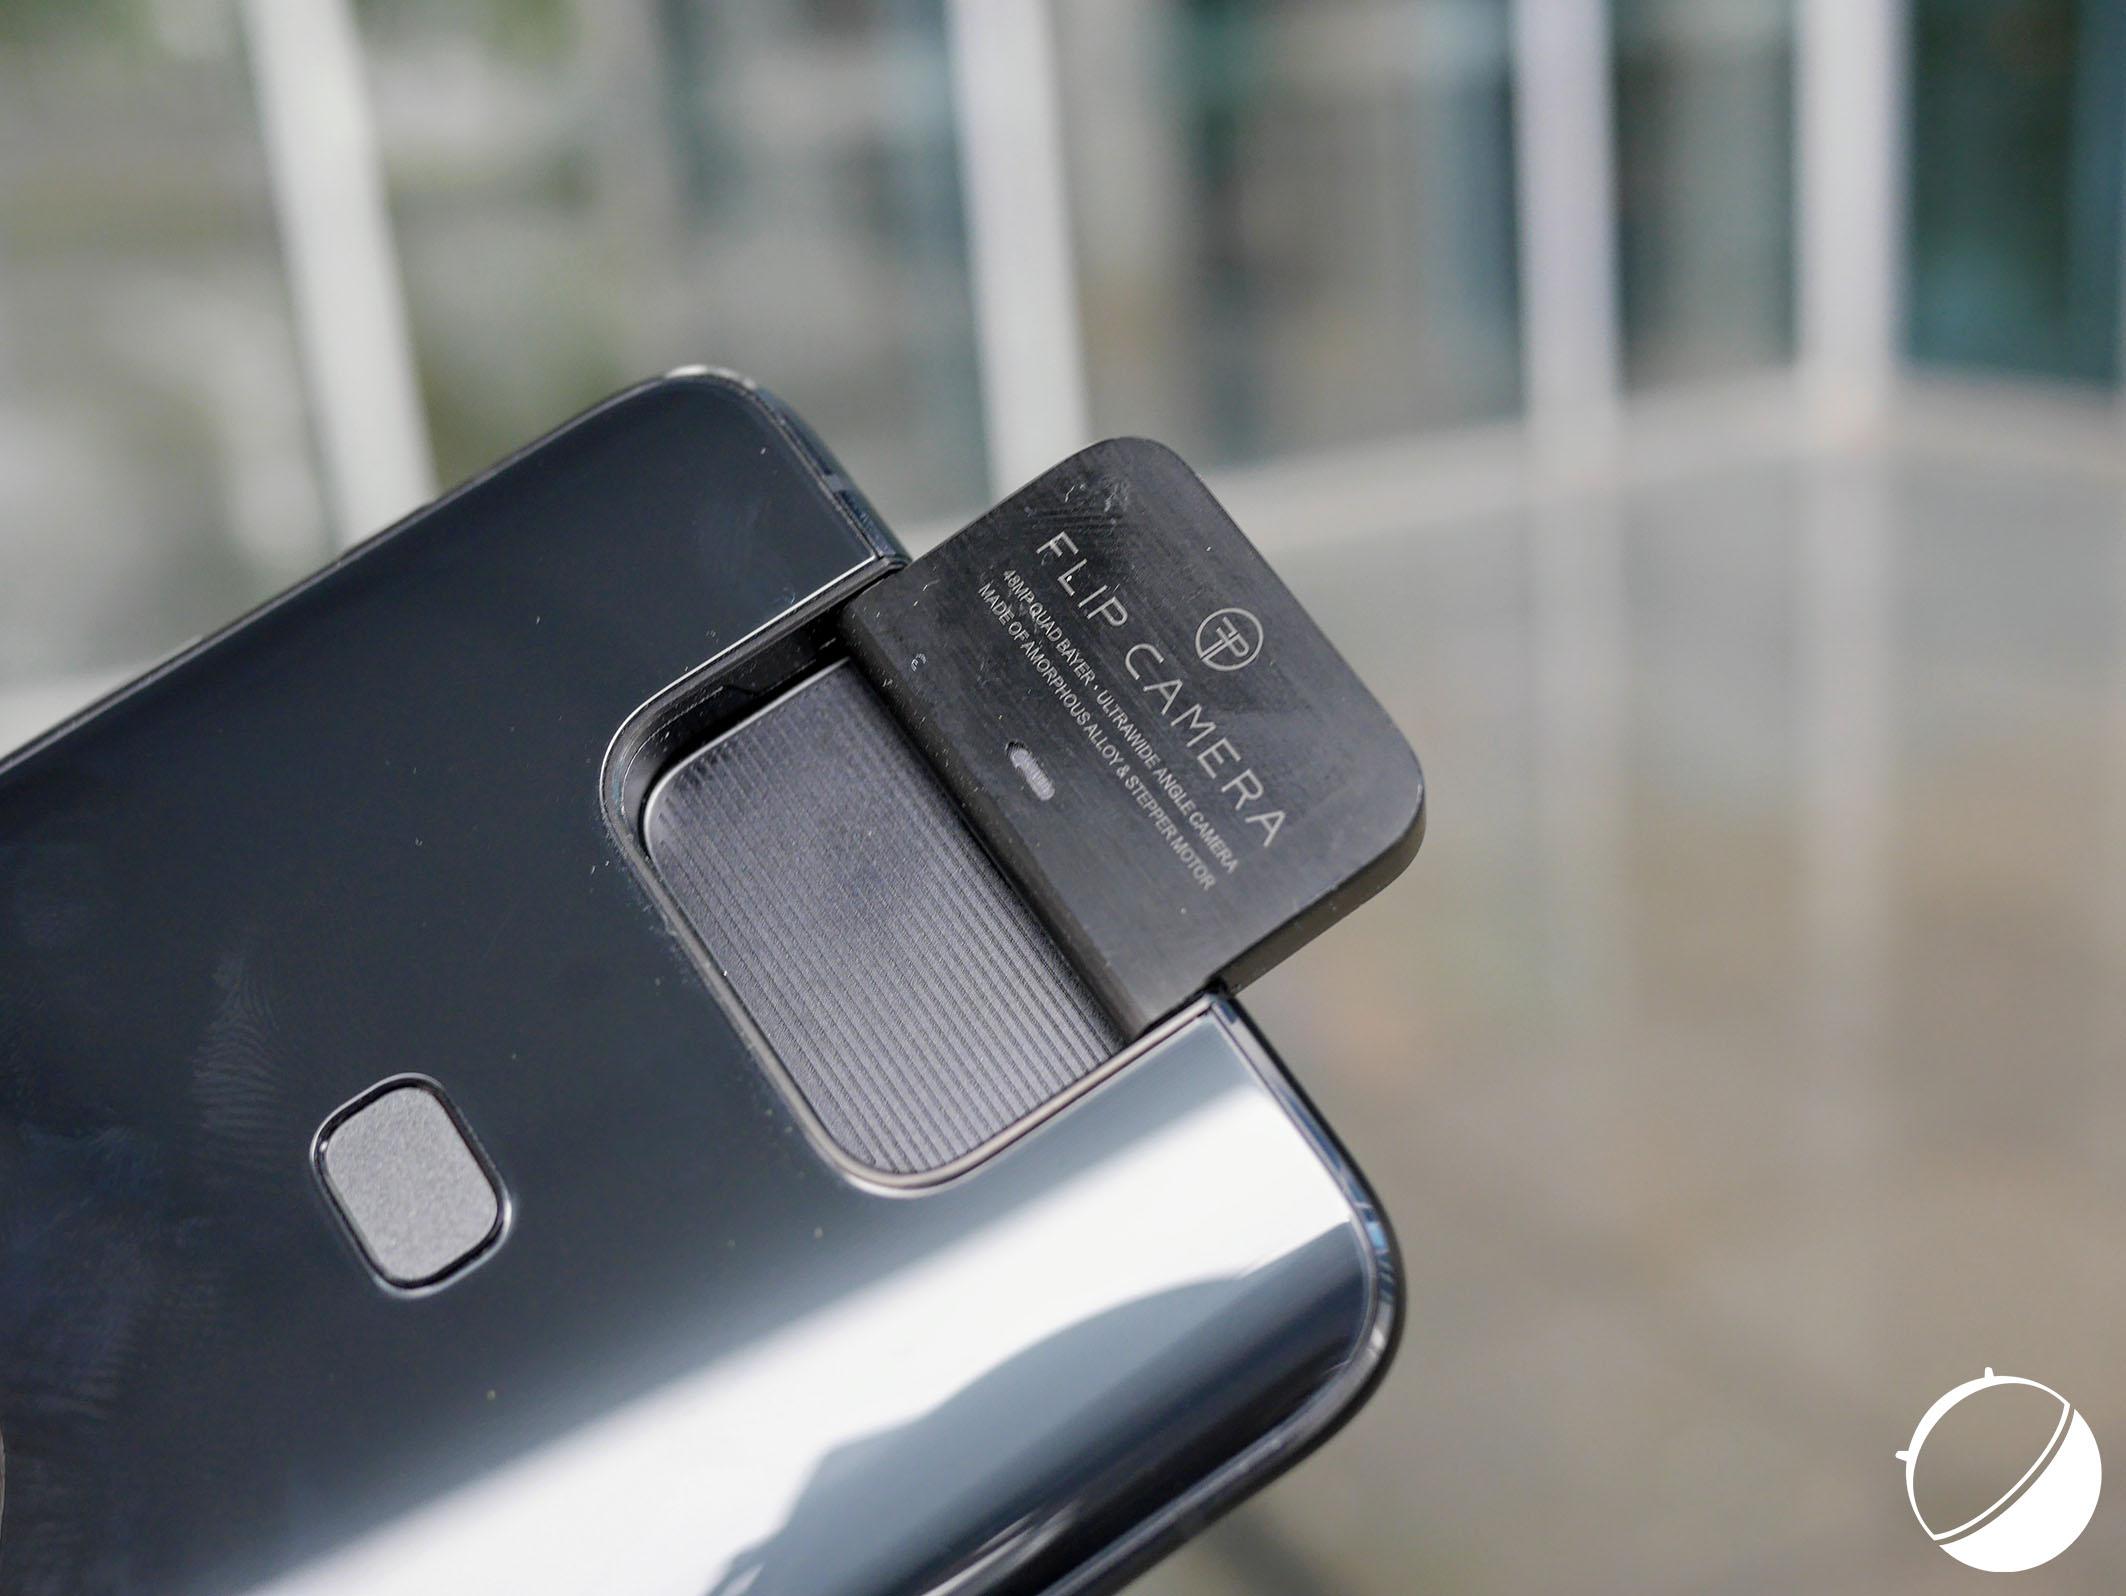 Les capteurs photo rotatifs sont-ils la bonne solution ? – Sondage de la semaine